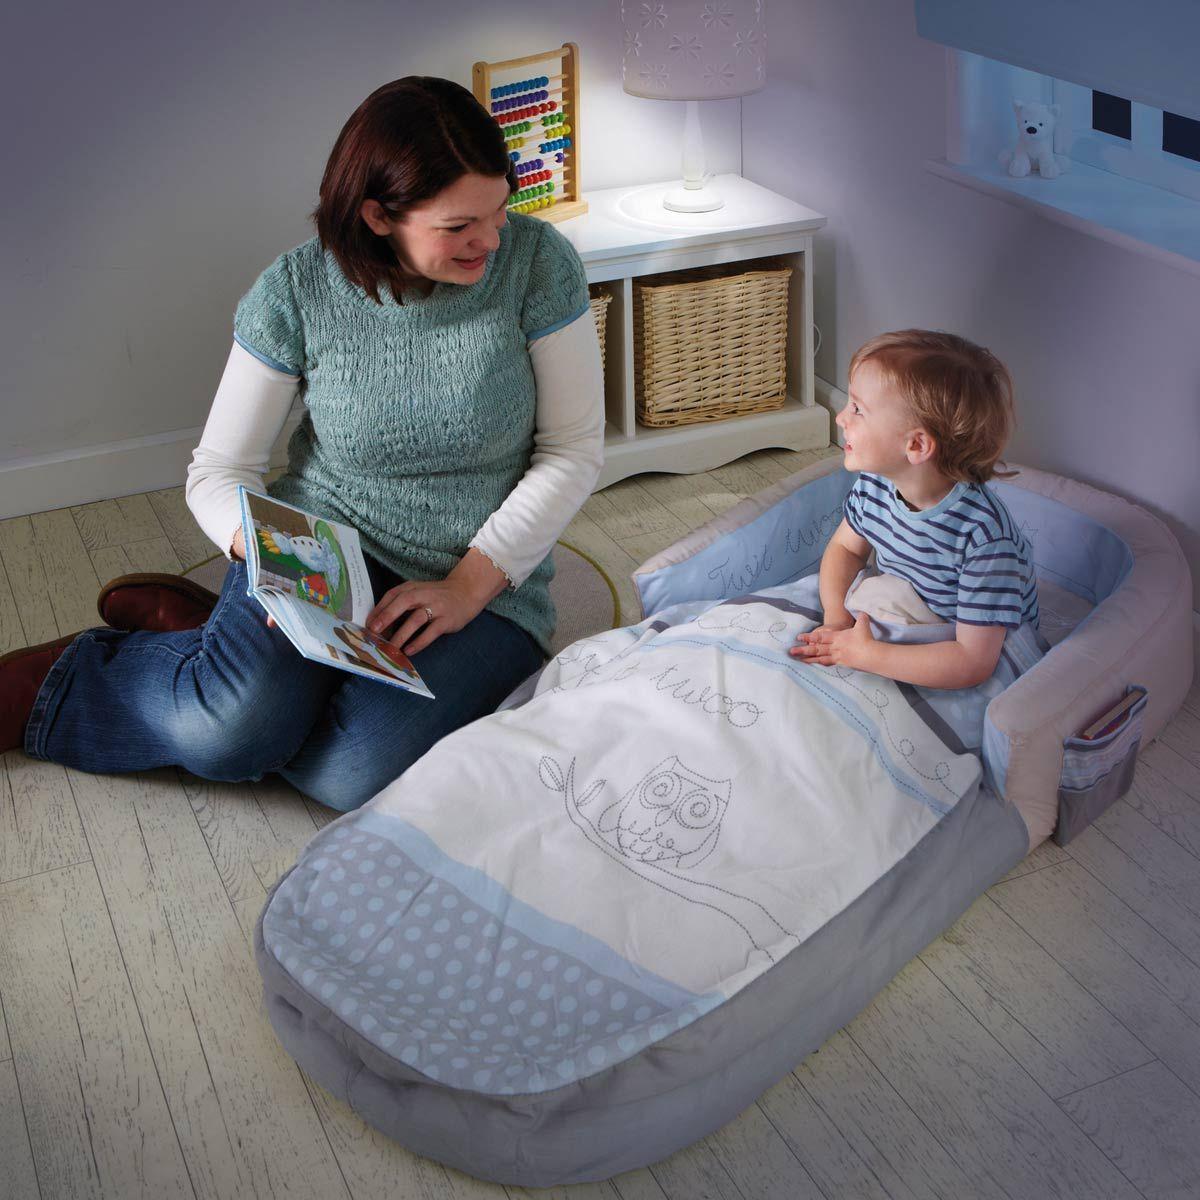 premier lit d 39 appoint hibou pour enfant de 1 an et demi 3 ans oxybul veil et jeux chambre. Black Bedroom Furniture Sets. Home Design Ideas